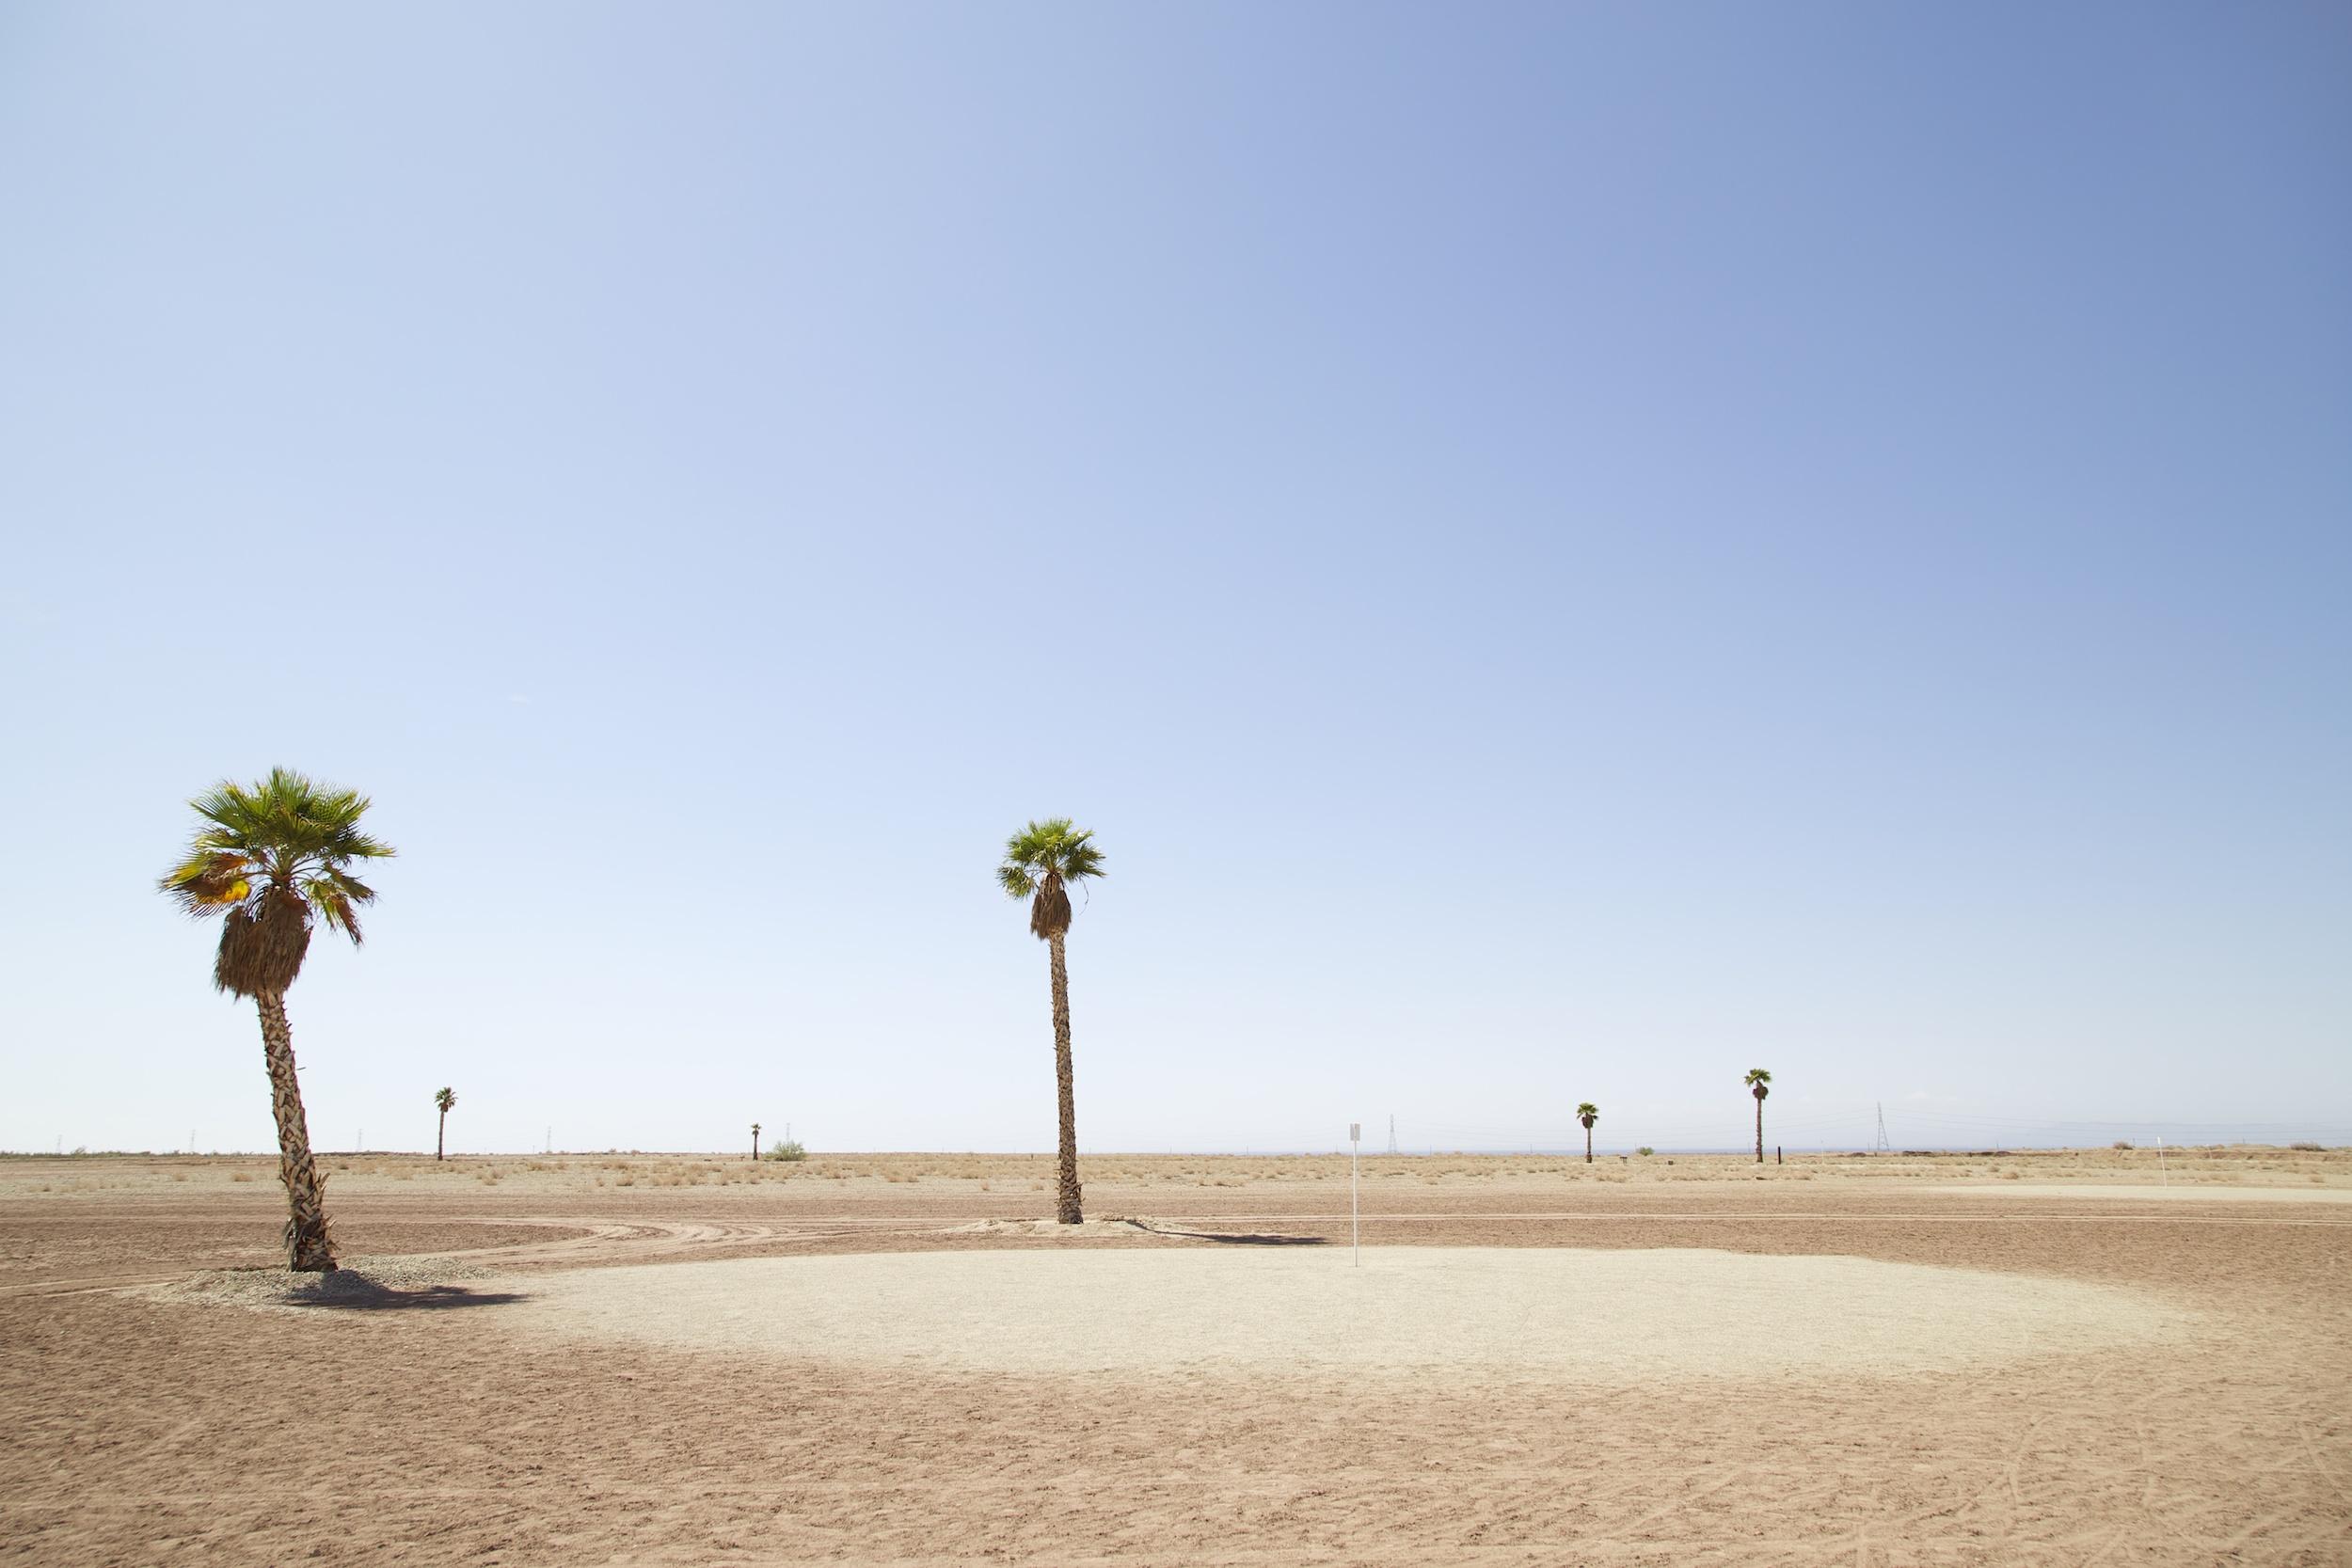 Golf Course, Salton Sea, California , 2014